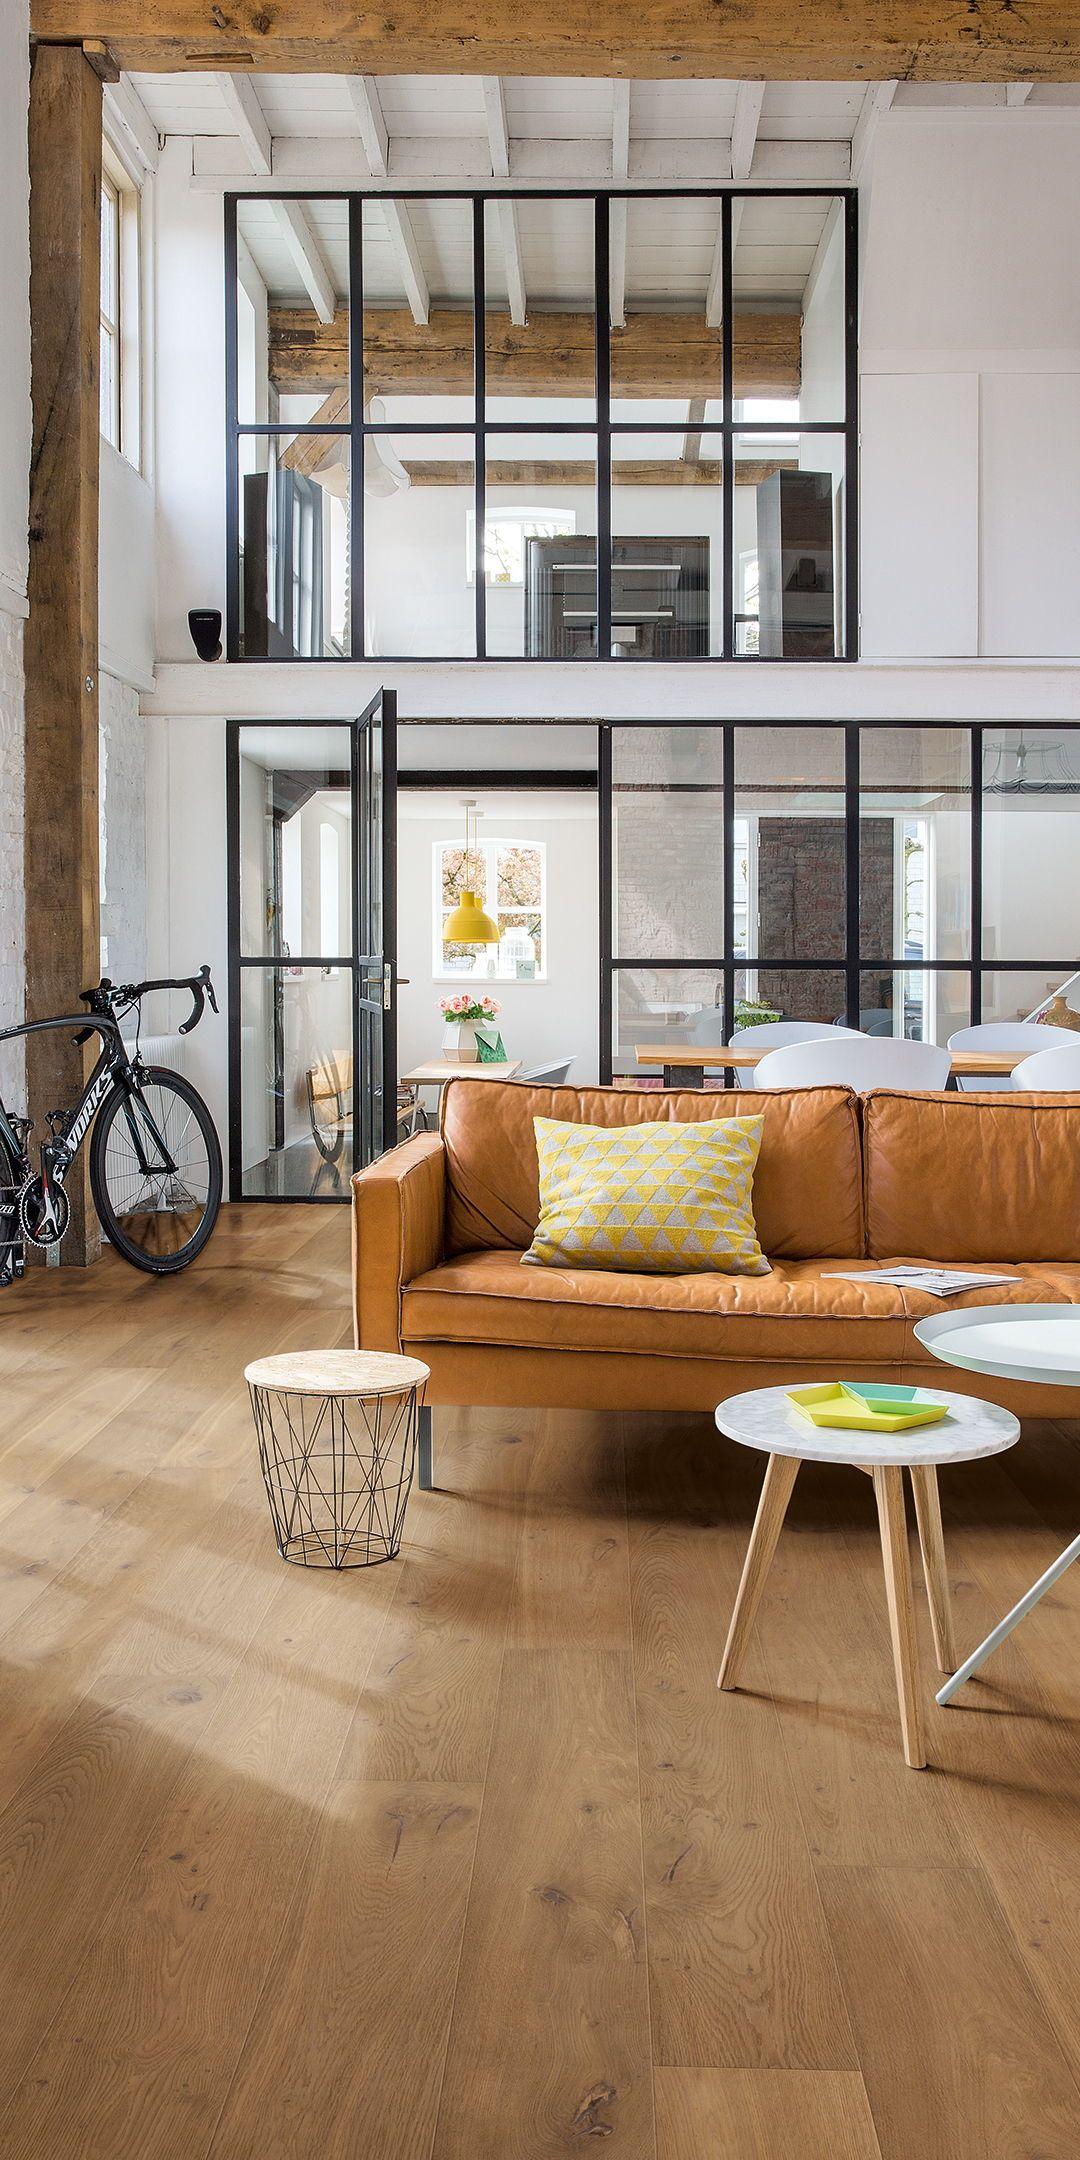 Comment Renover Un Tonneau 103 best parquet images in 2020 | flooring, parquet flooring